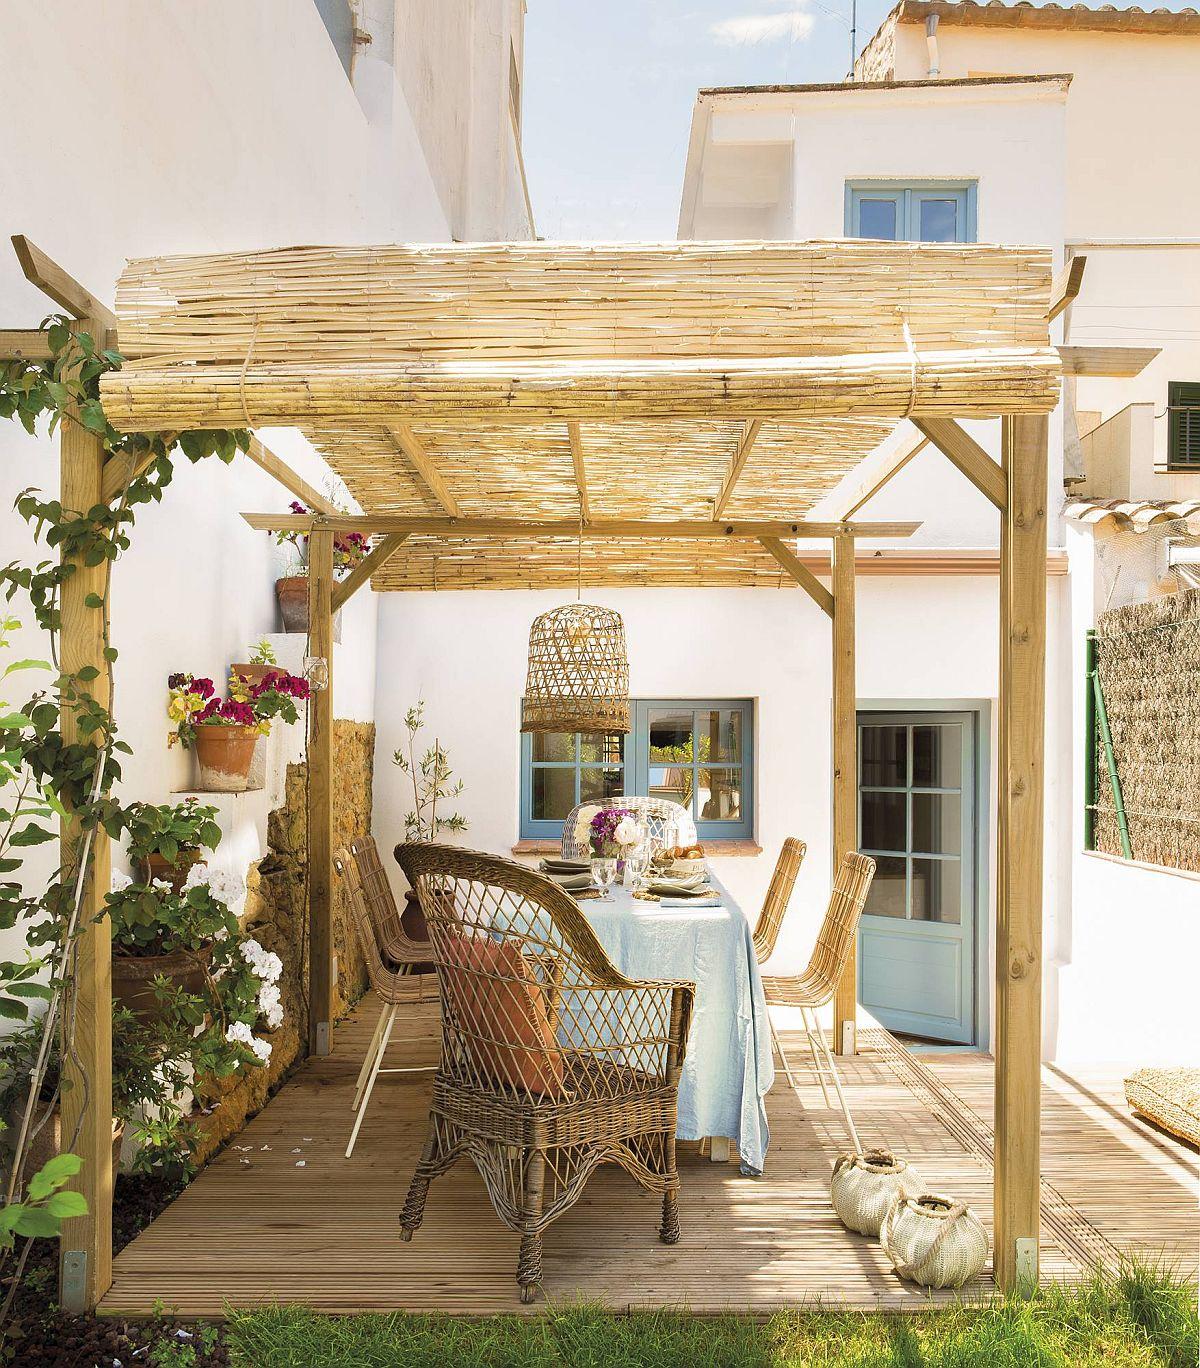 adelaparvu.com despre casa lunga si ingusta cu terasa, stil marin, design Nice Home Barcelona, Foto Jordi Canosa (18)